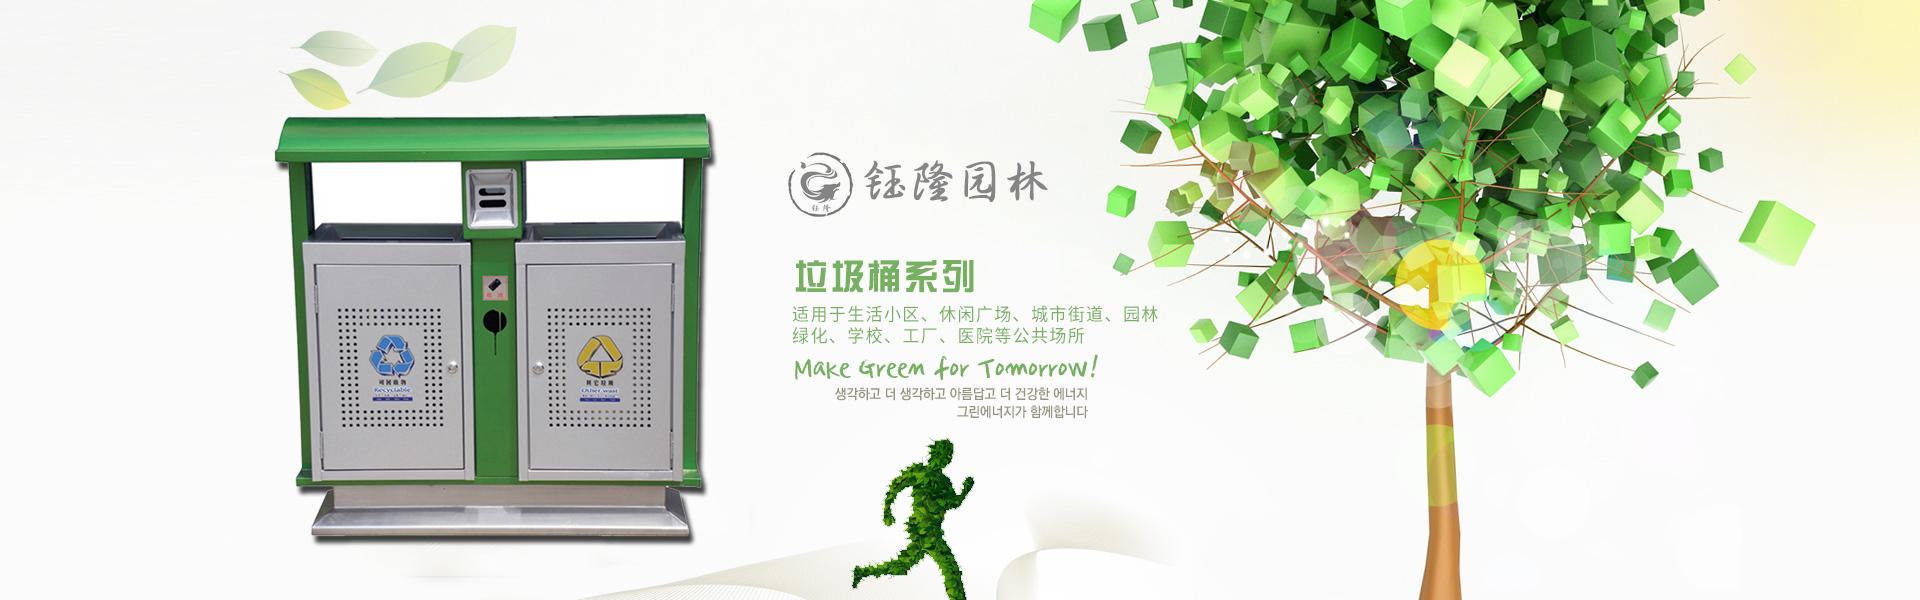 重庆垃圾桶系列适用于生活小区、休闲广场、城市街道、园林绿化、学校、工厂、医院等公共场所